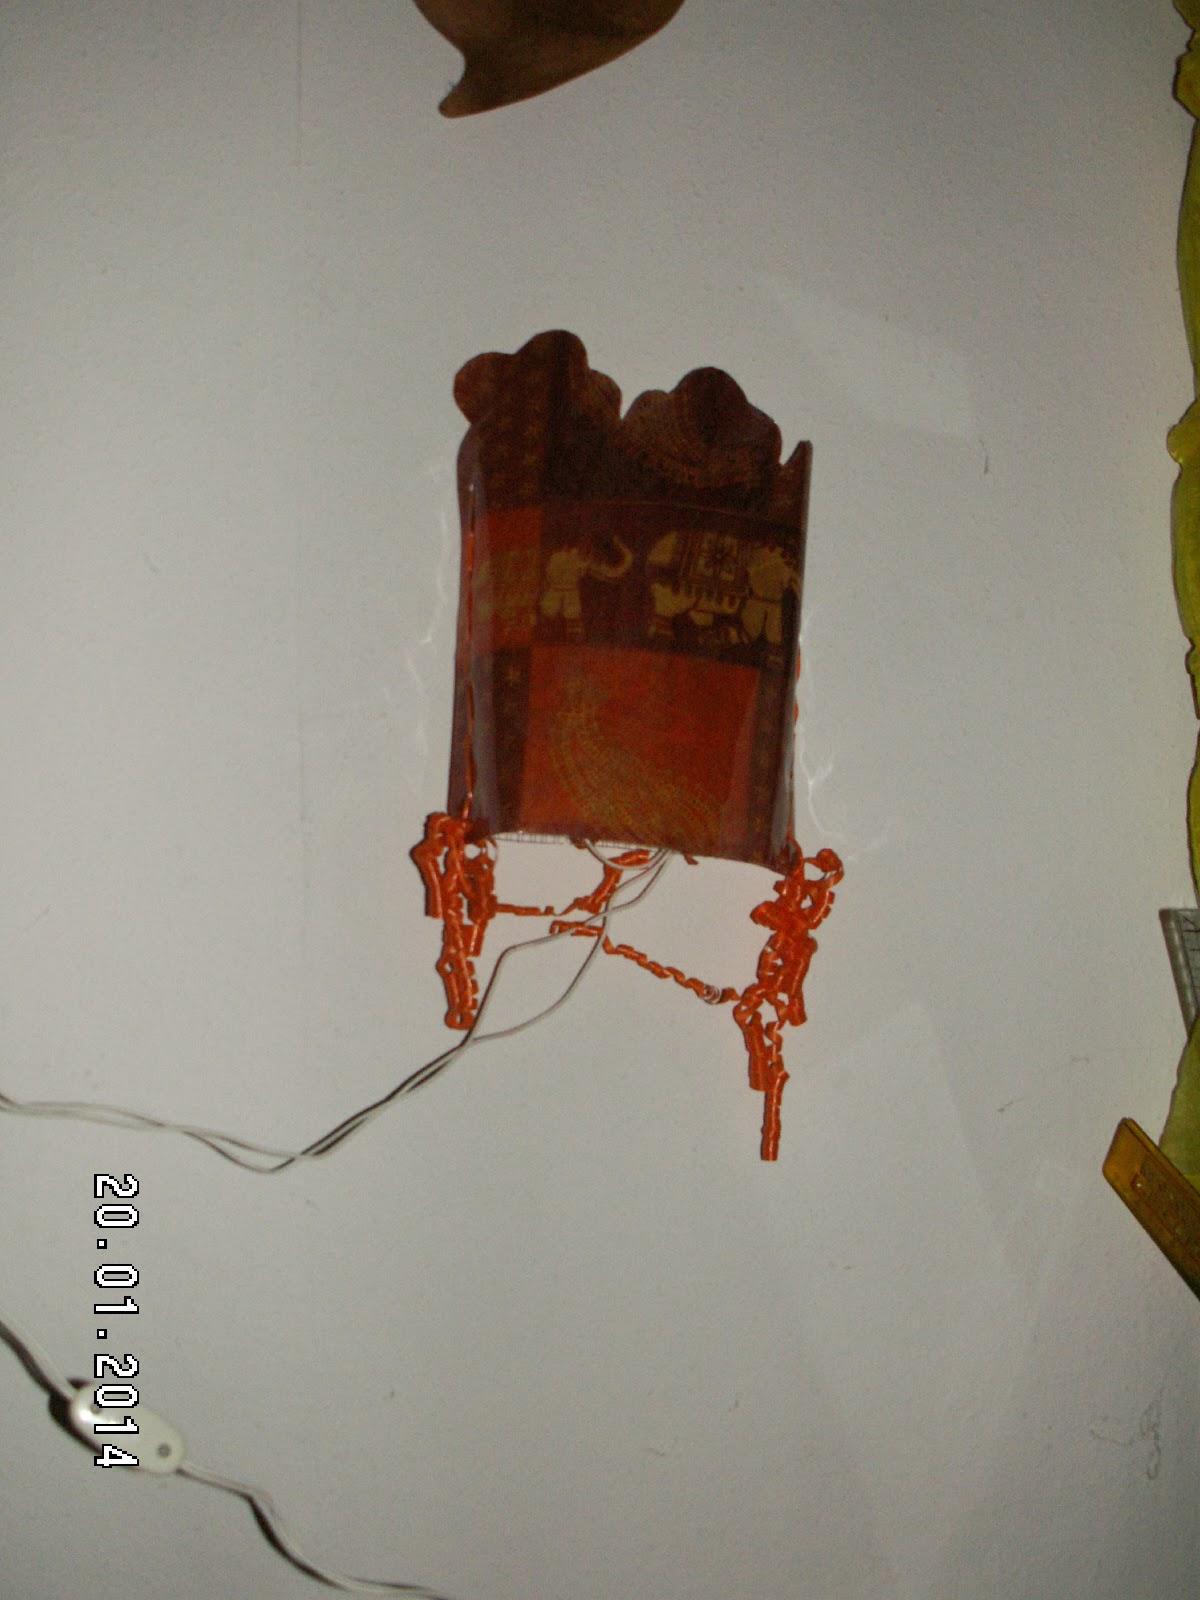 Nadeltwister wandlampe basteln - Locher in der wand stopfen ...